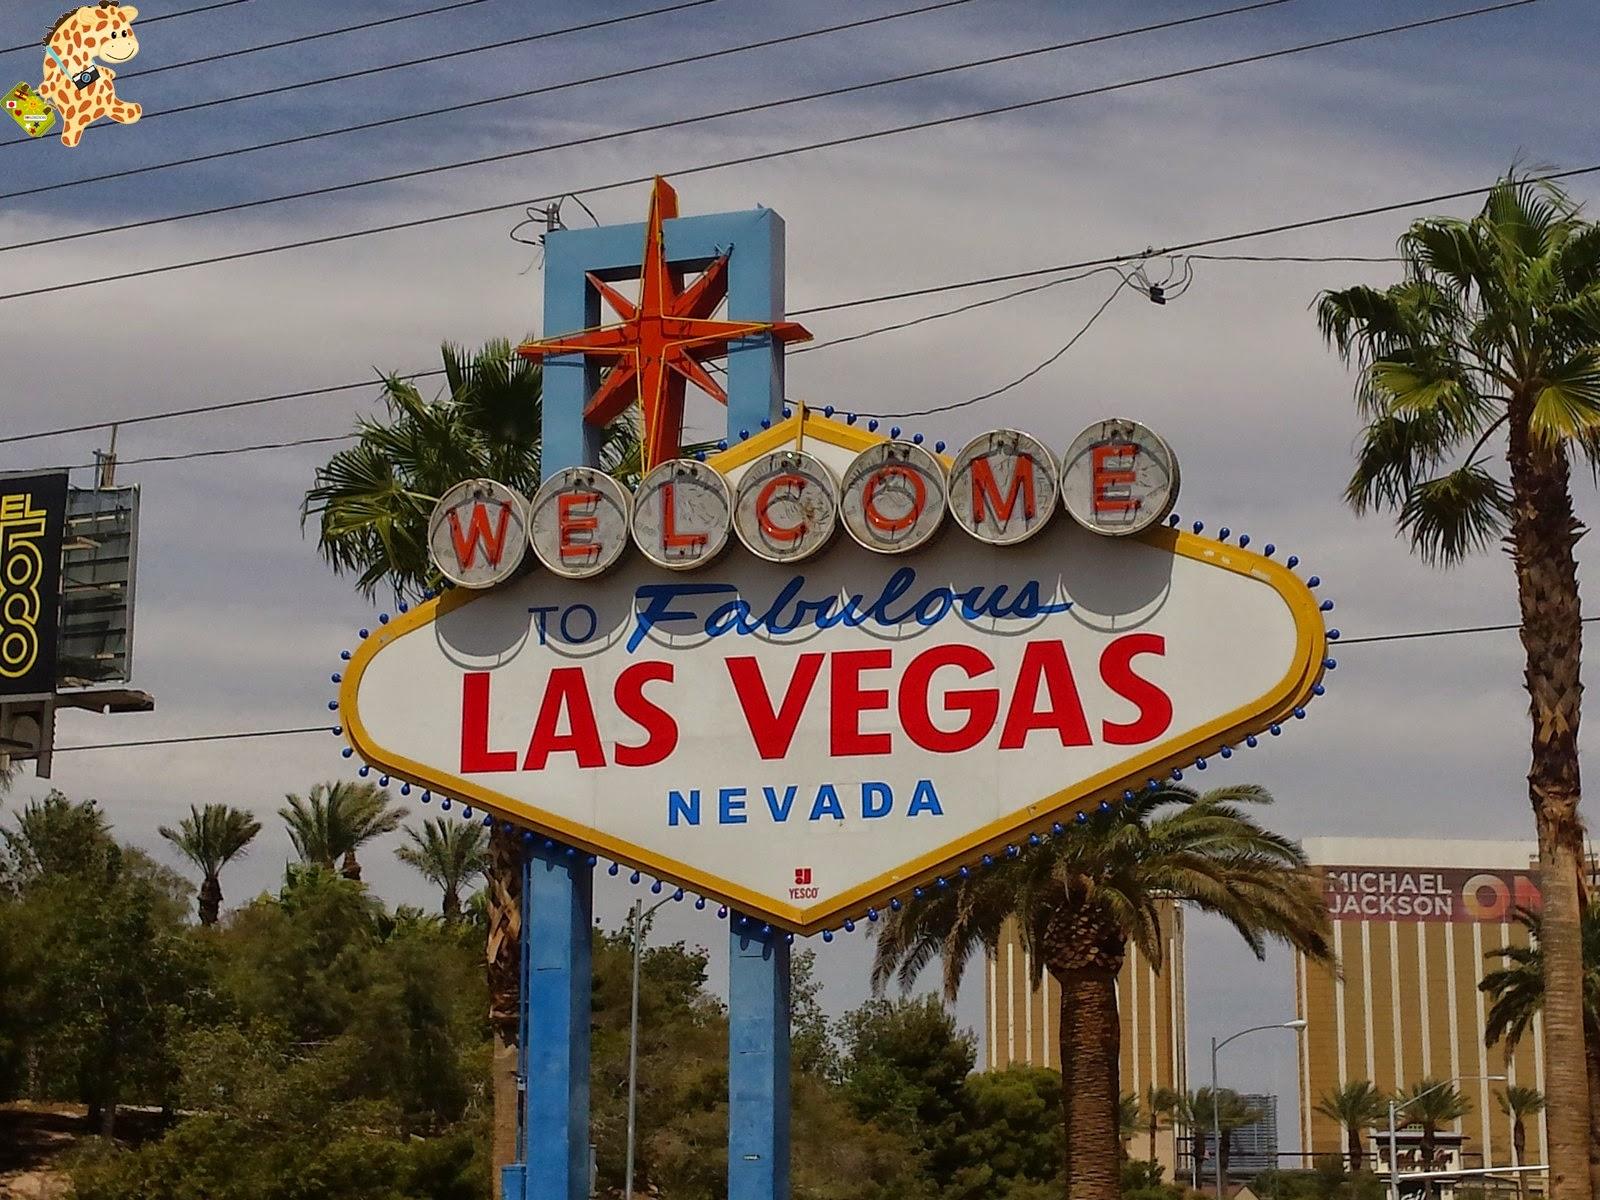 Qué ver en Las Vegas en 1 día?